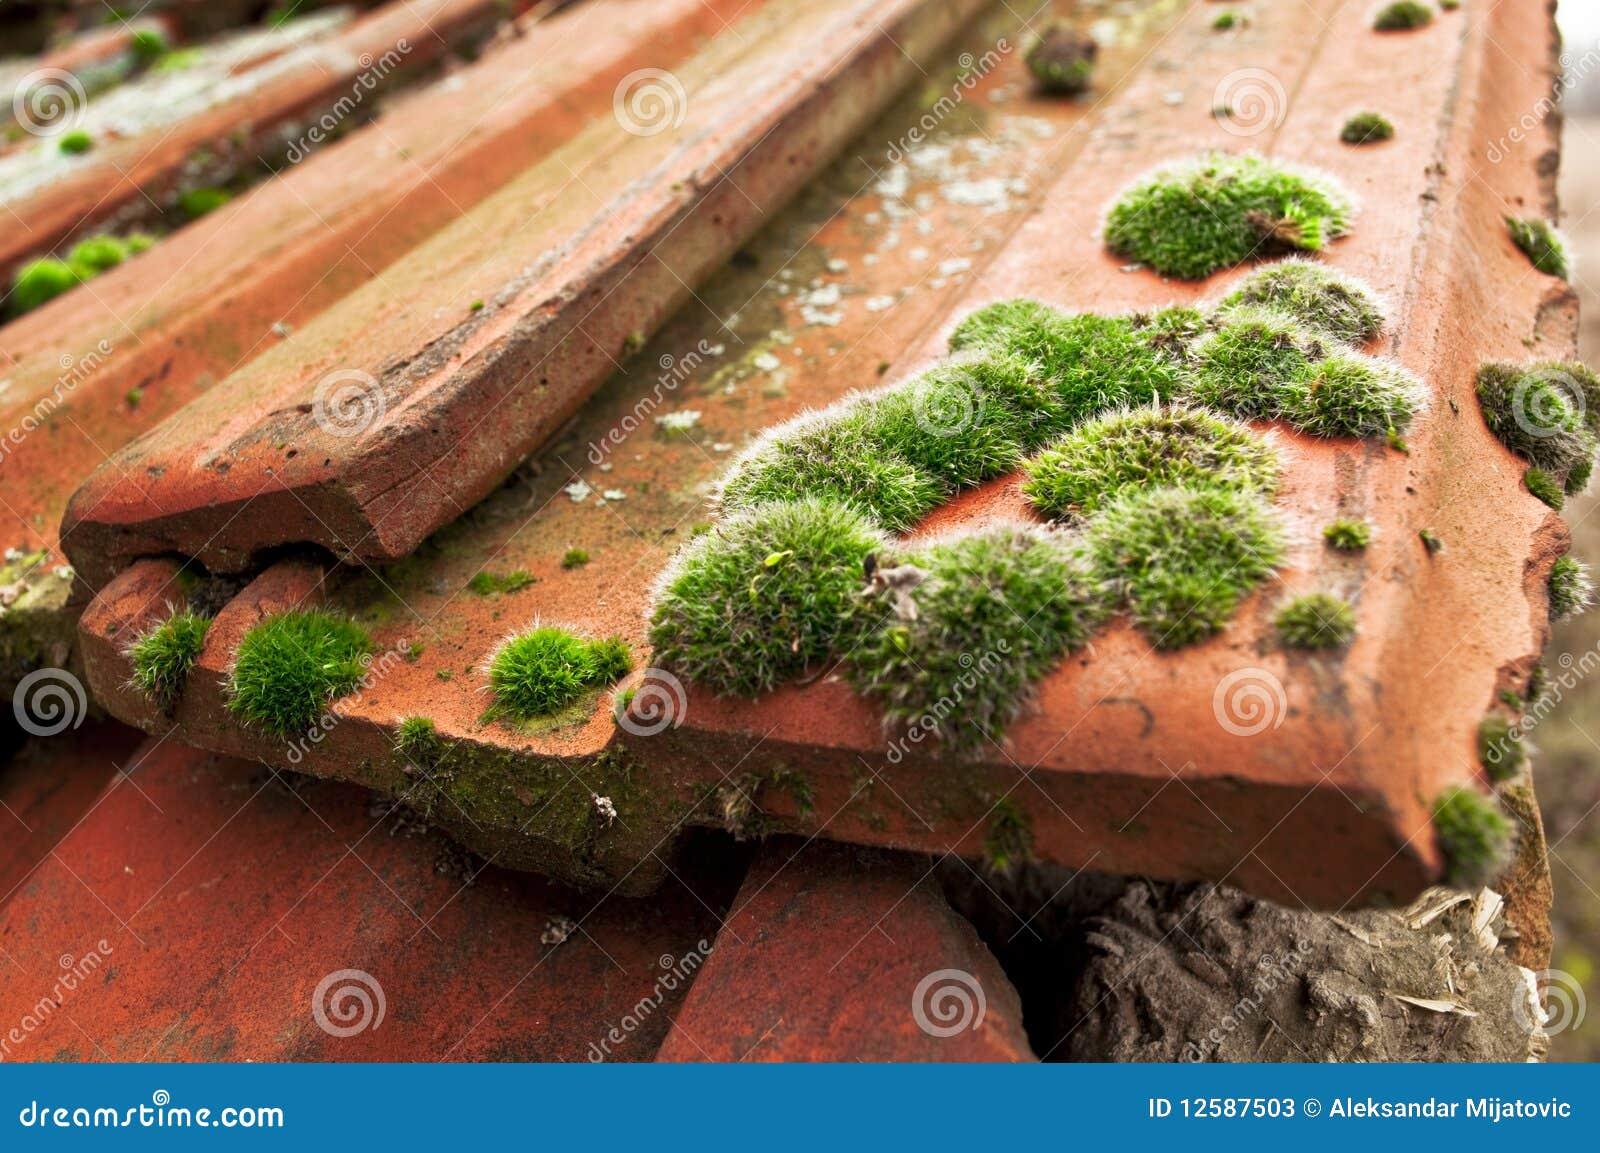 mousse sur des tuiles de toit image stock image du detail bois 12587503. Black Bedroom Furniture Sets. Home Design Ideas